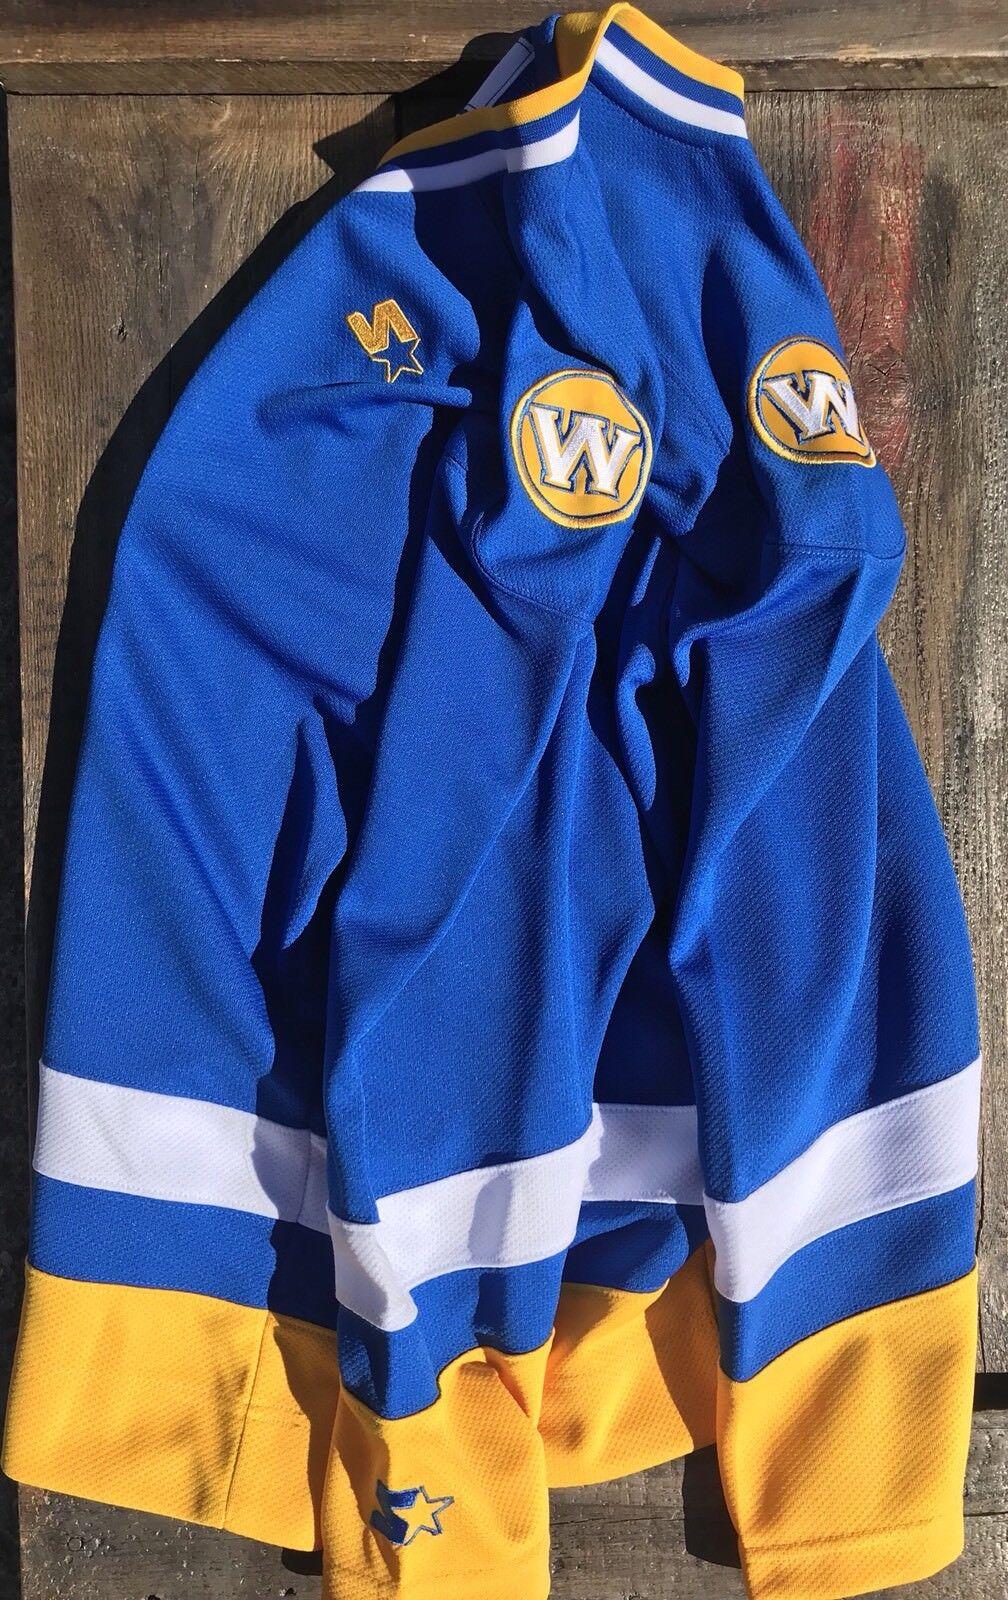 Neu GR. M M M Starter X Urban Outfitters Golden State Warriors Hockey Trikot 0d3794